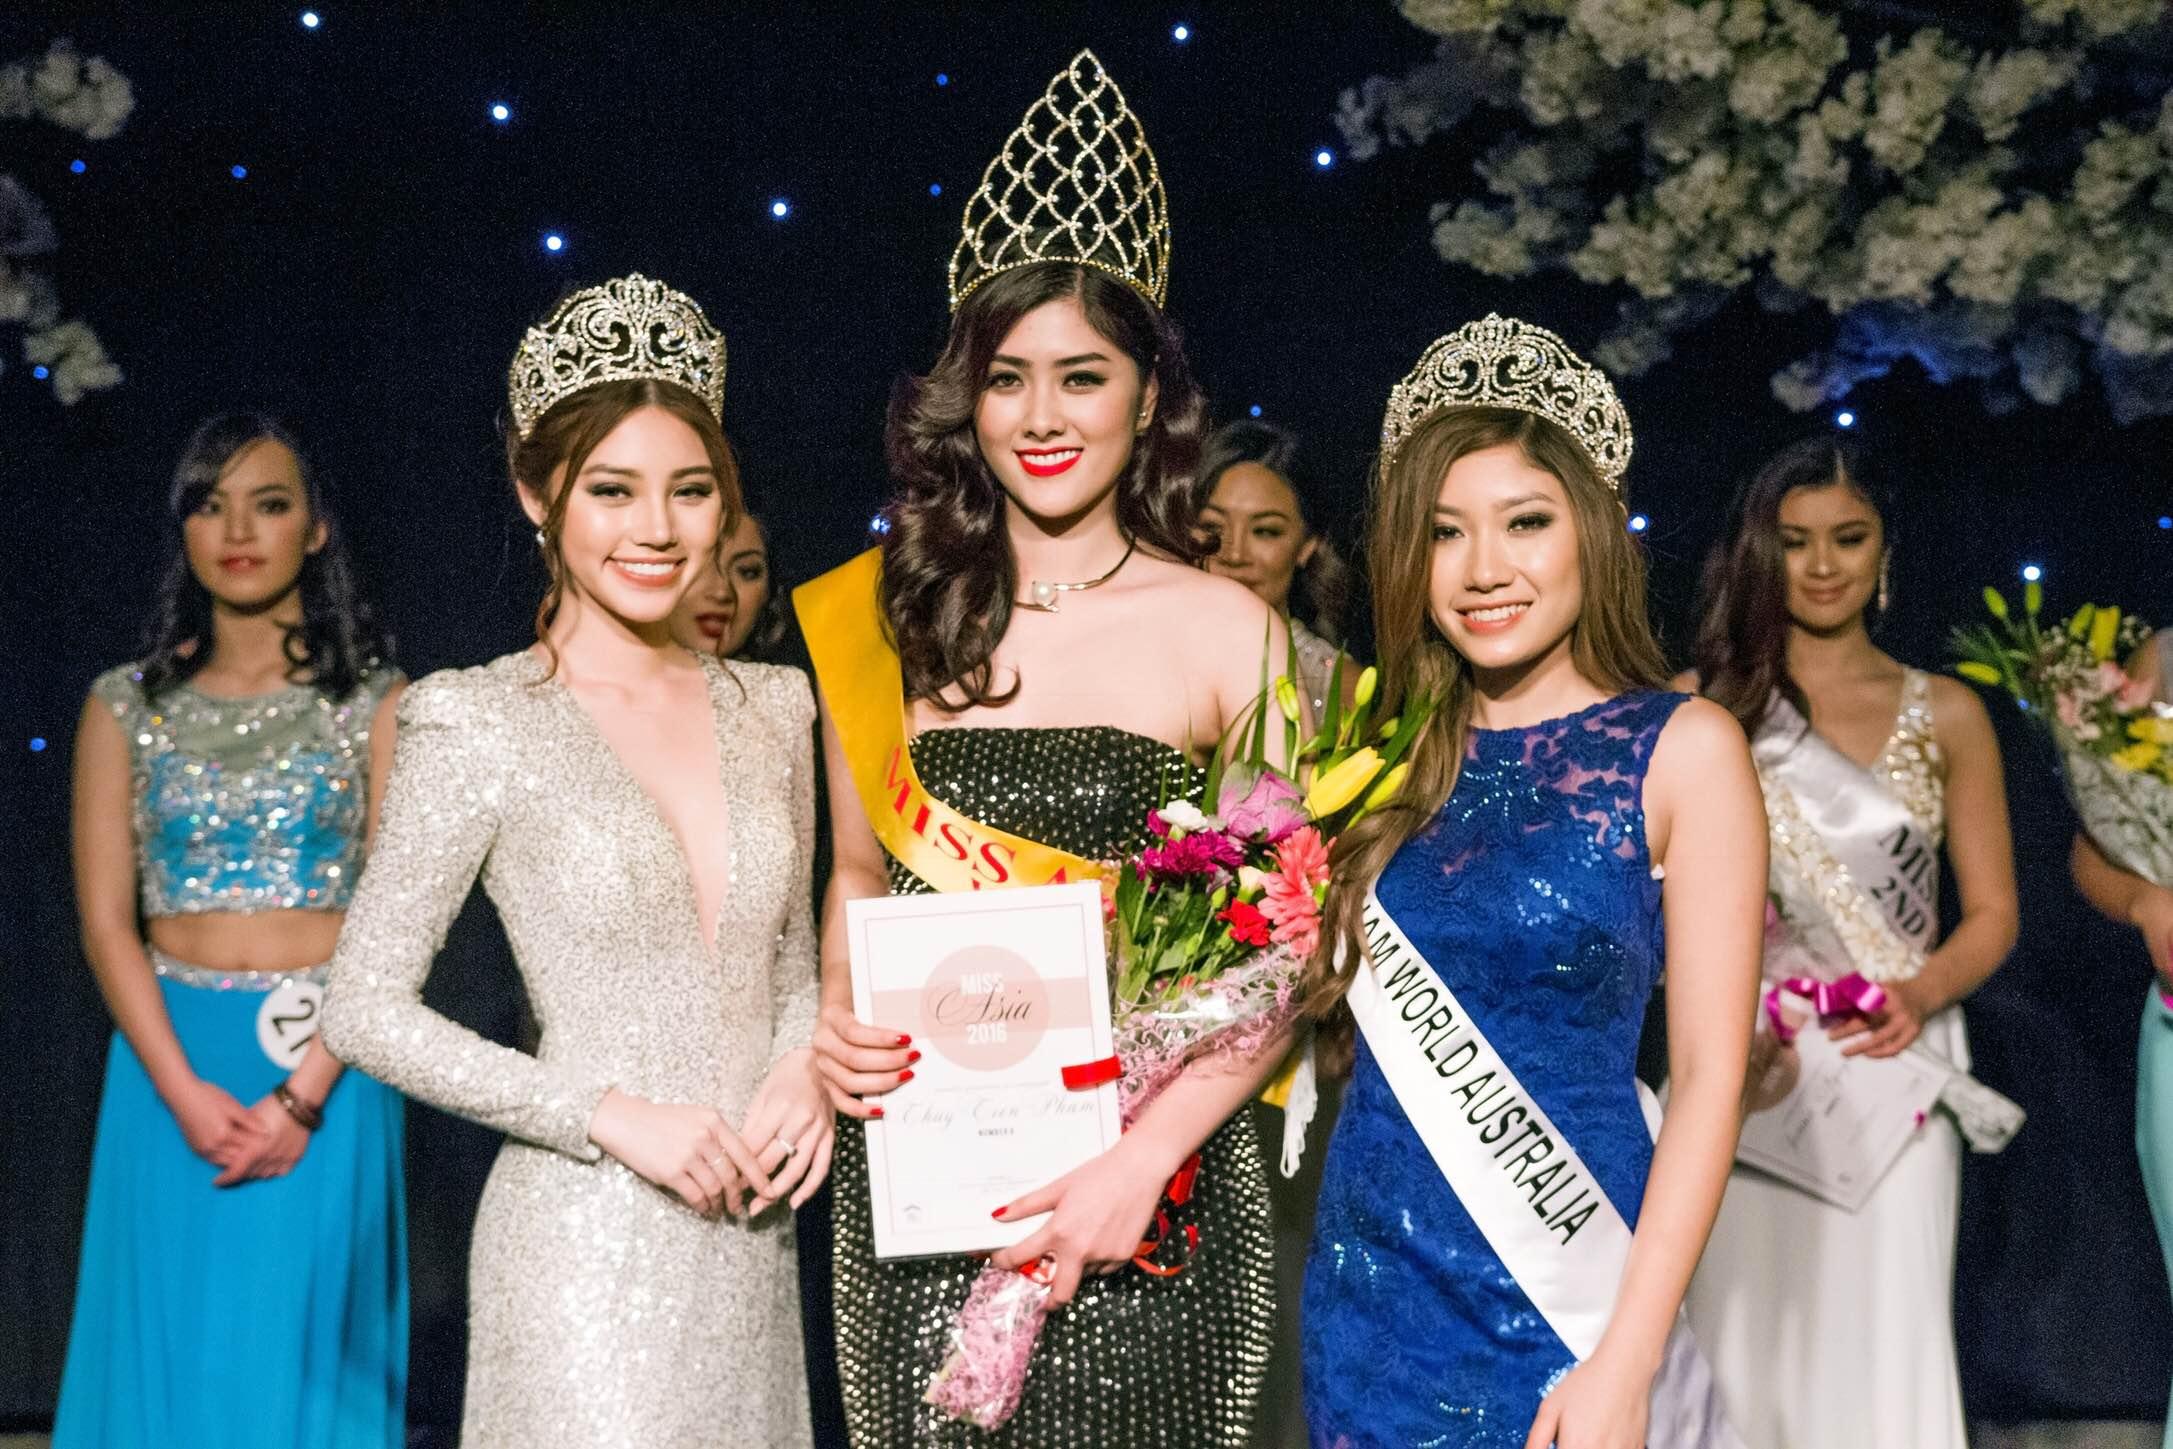 Chân dài Huỳnh Tiên tiếp tục mang đến những sóng gió khi bất ngờ chia sẻ hình ảnh đăng quang ngôi vị cao nhất trong cuộc thi Hoa hậu Châu Á 2016, cô nhận được nhiều lời chúc mừng cũng như tán thưởng từ công chúng.